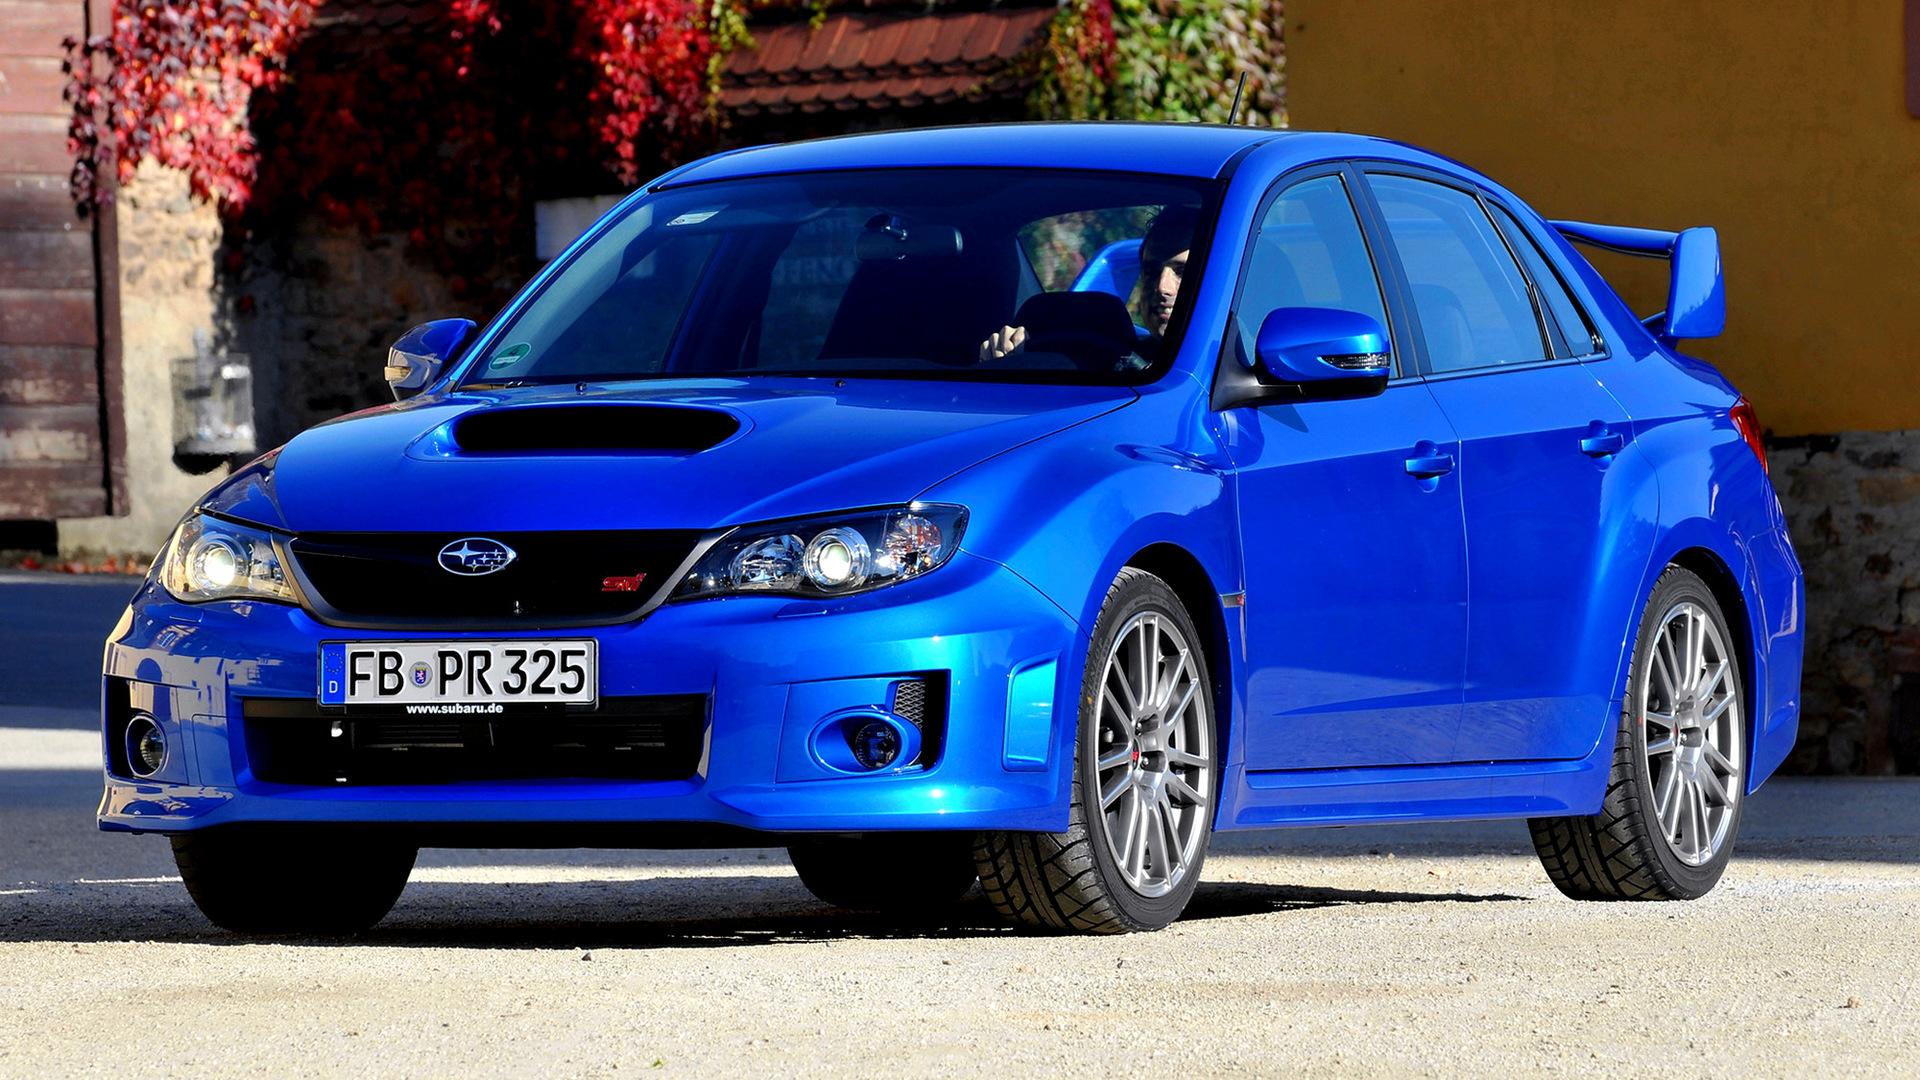 subaru impreza wrx sti sedan (2010) wallpapers and hd images - car